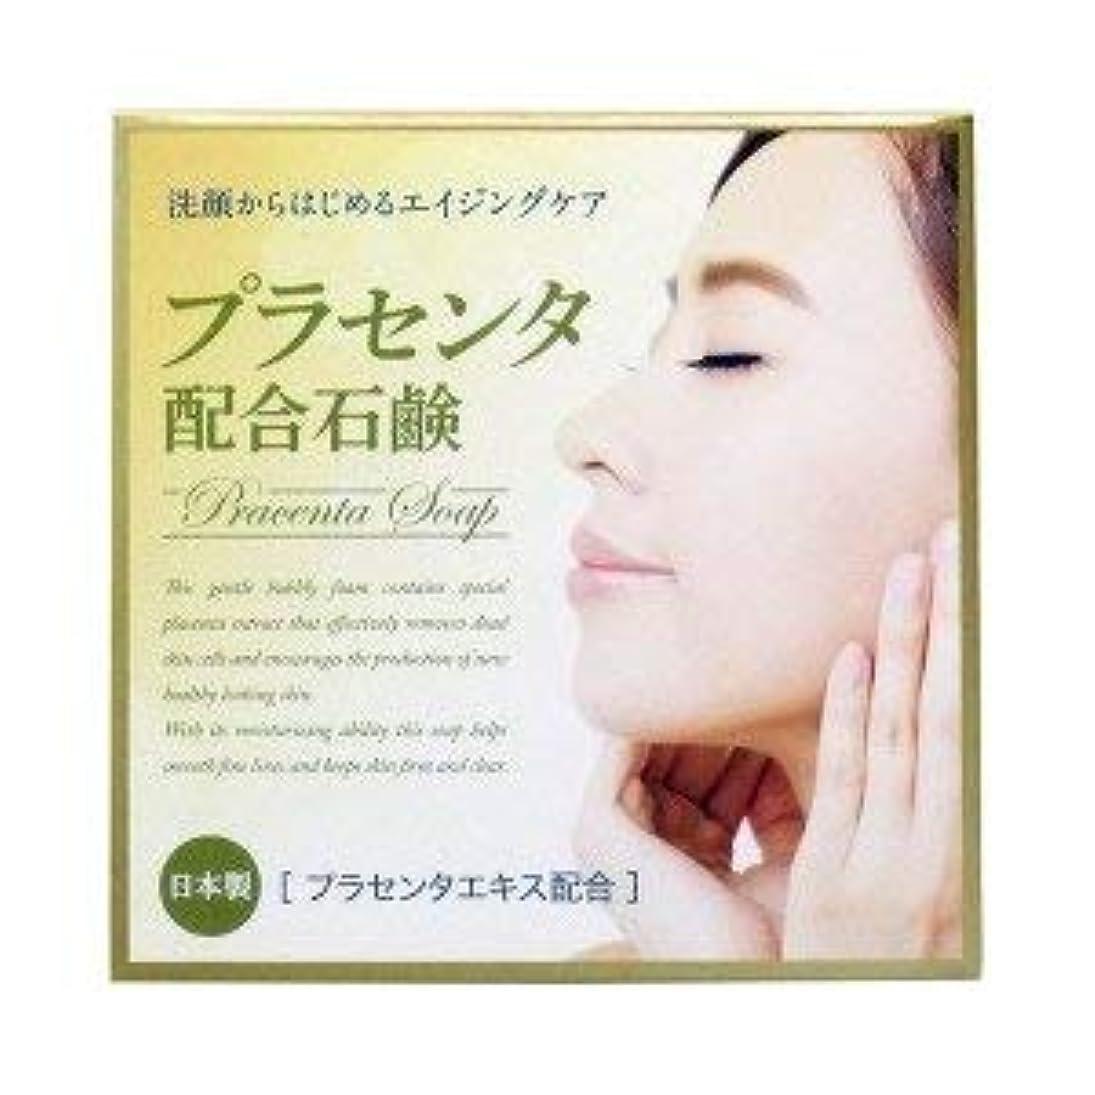 値下げ無効にする決定的プラセンタ配合石鹸 80g×2 2個1セット プラセンタエキス保湿成分配合 日本製